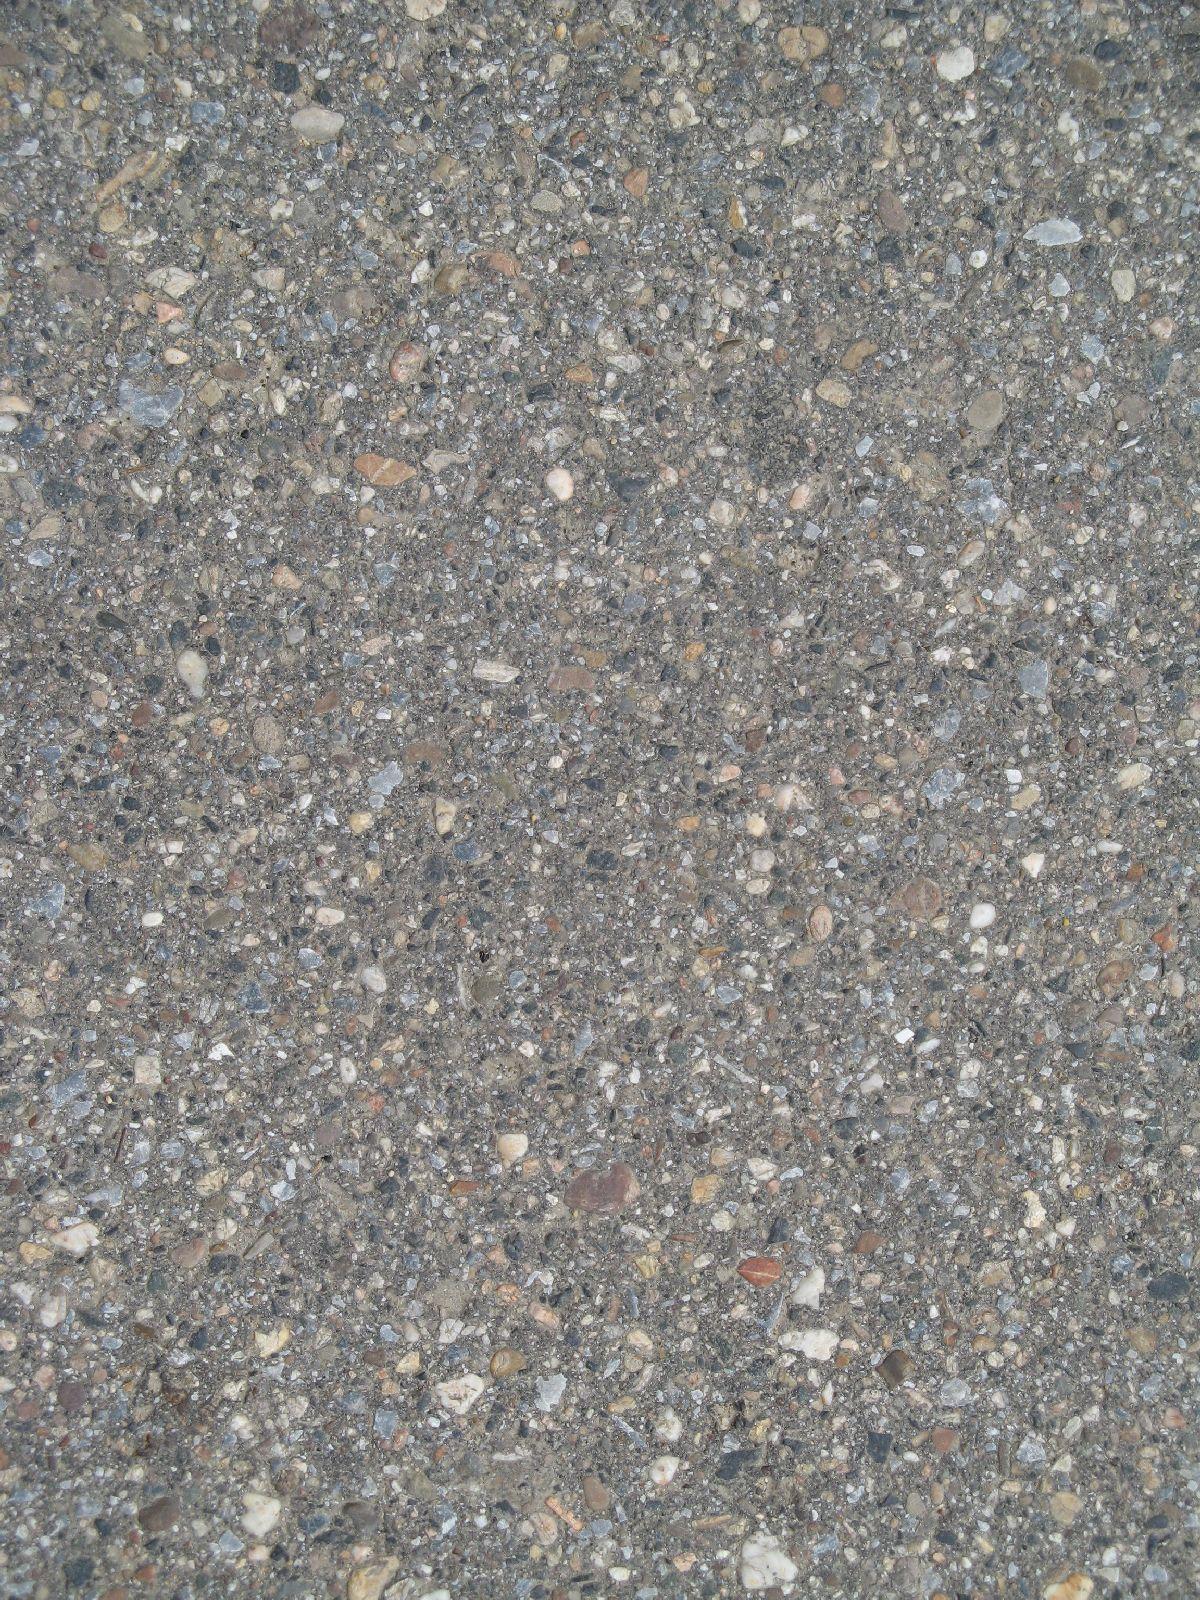 Ground-Urban_Texture_B_0200